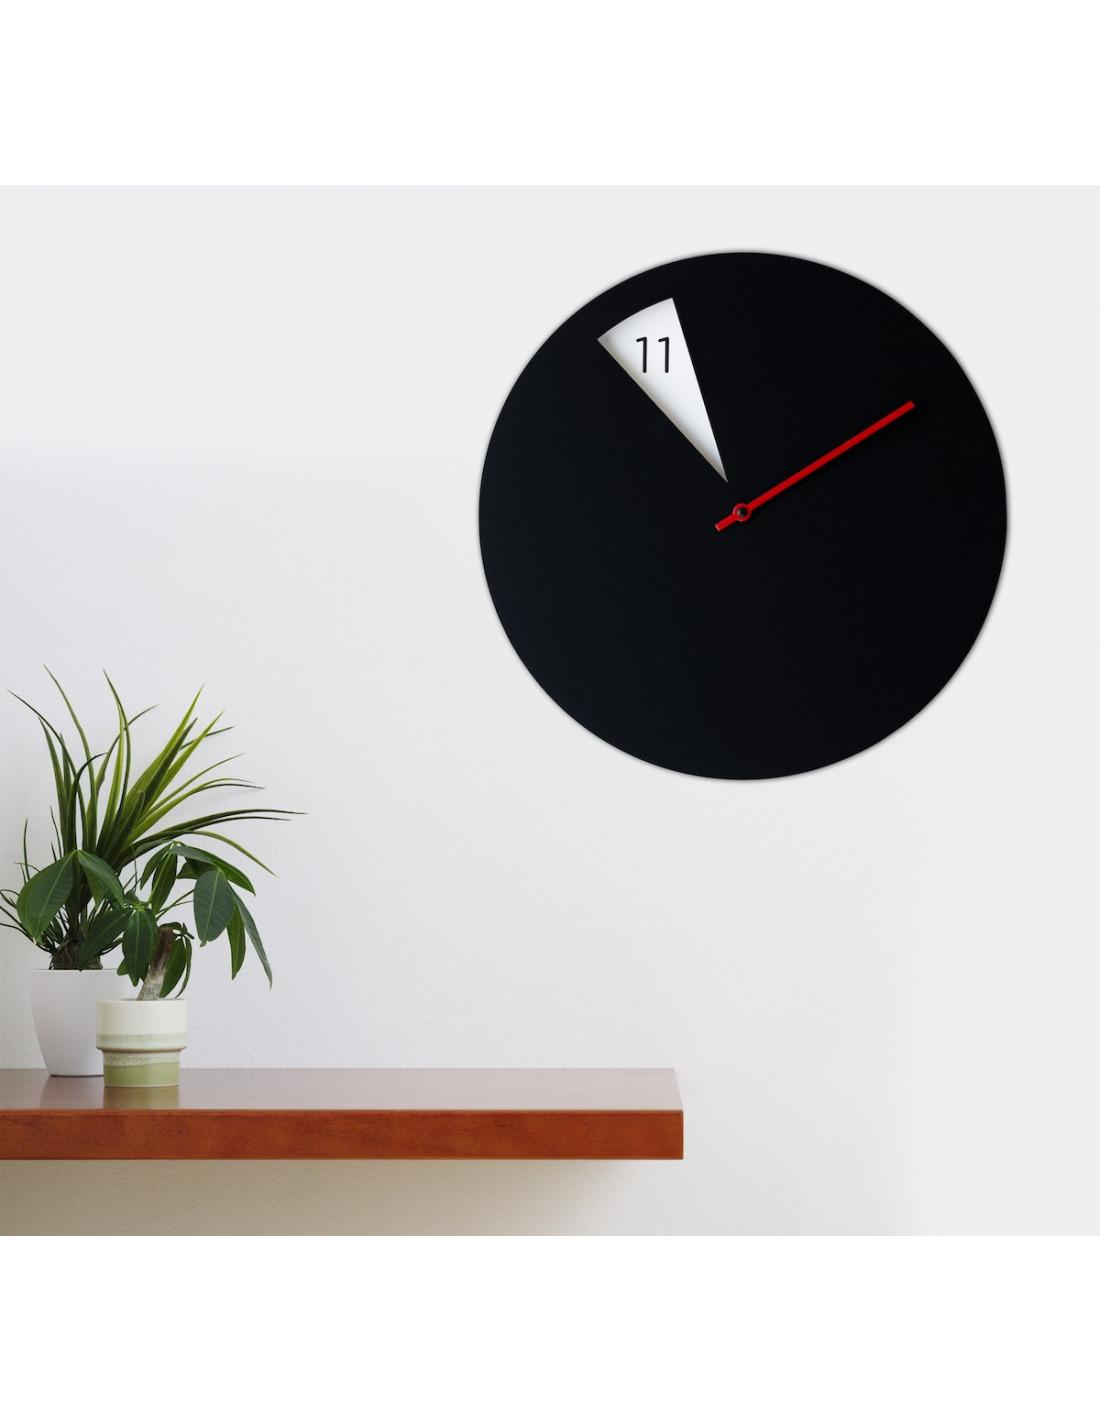 Horloge murale design freakishclock noir et rouge en for Horloge murale design rouge